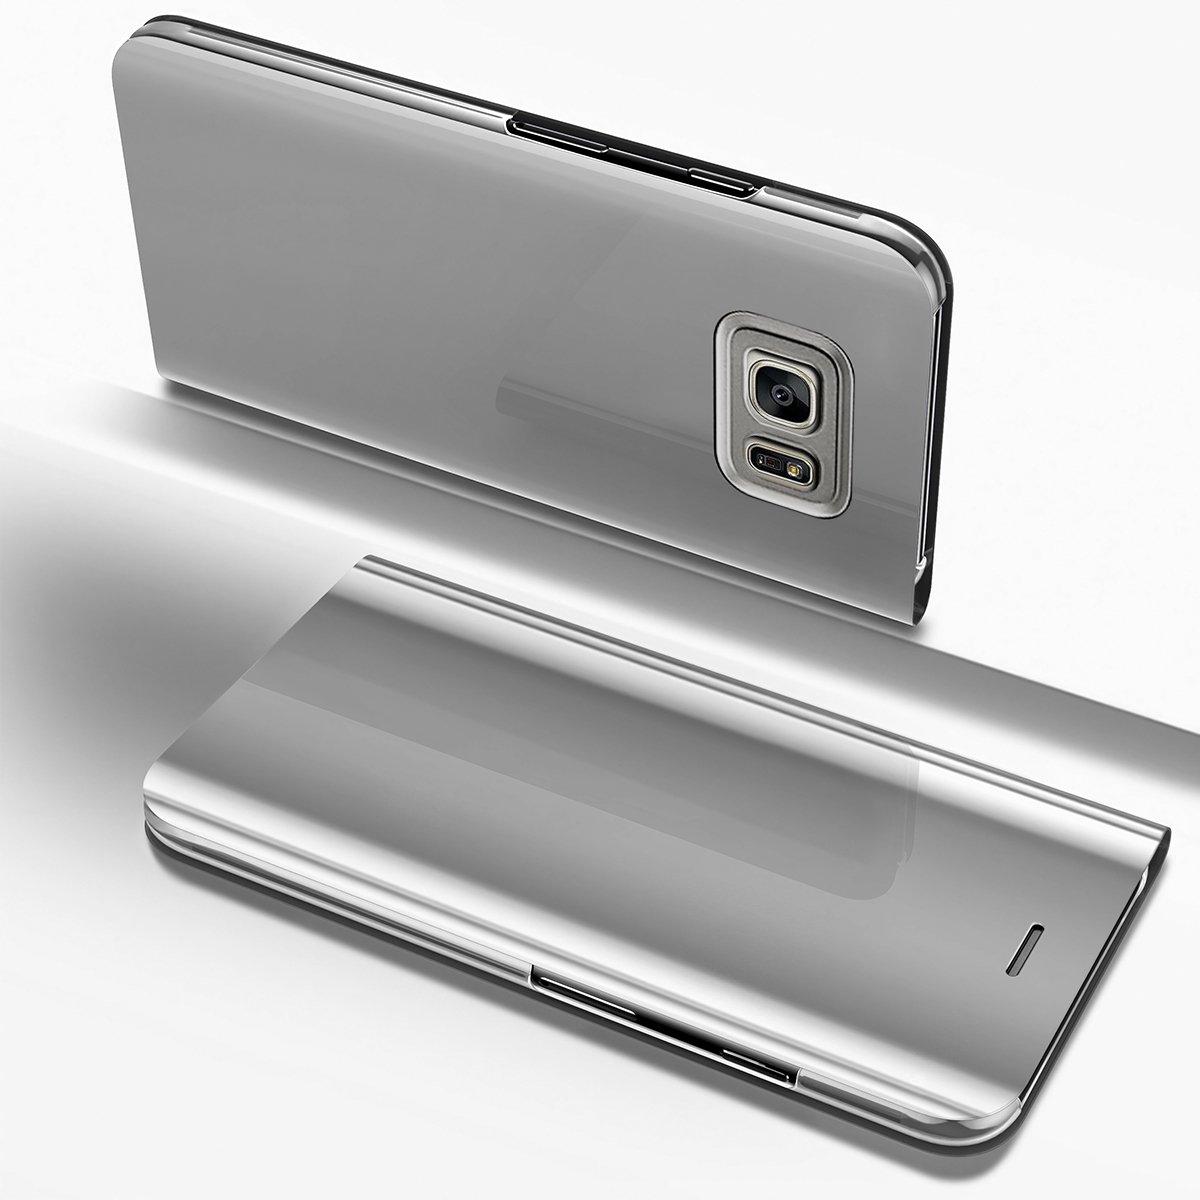 YSIMEE Cover Samsung Galaxy S7 edge, Custodie Specchio Placcatura Flip Cover Caso Pelle e Duro PC Protettiva con Clear View Design Funzione Supporto Chiusura Magnetica Bumper-d'oro